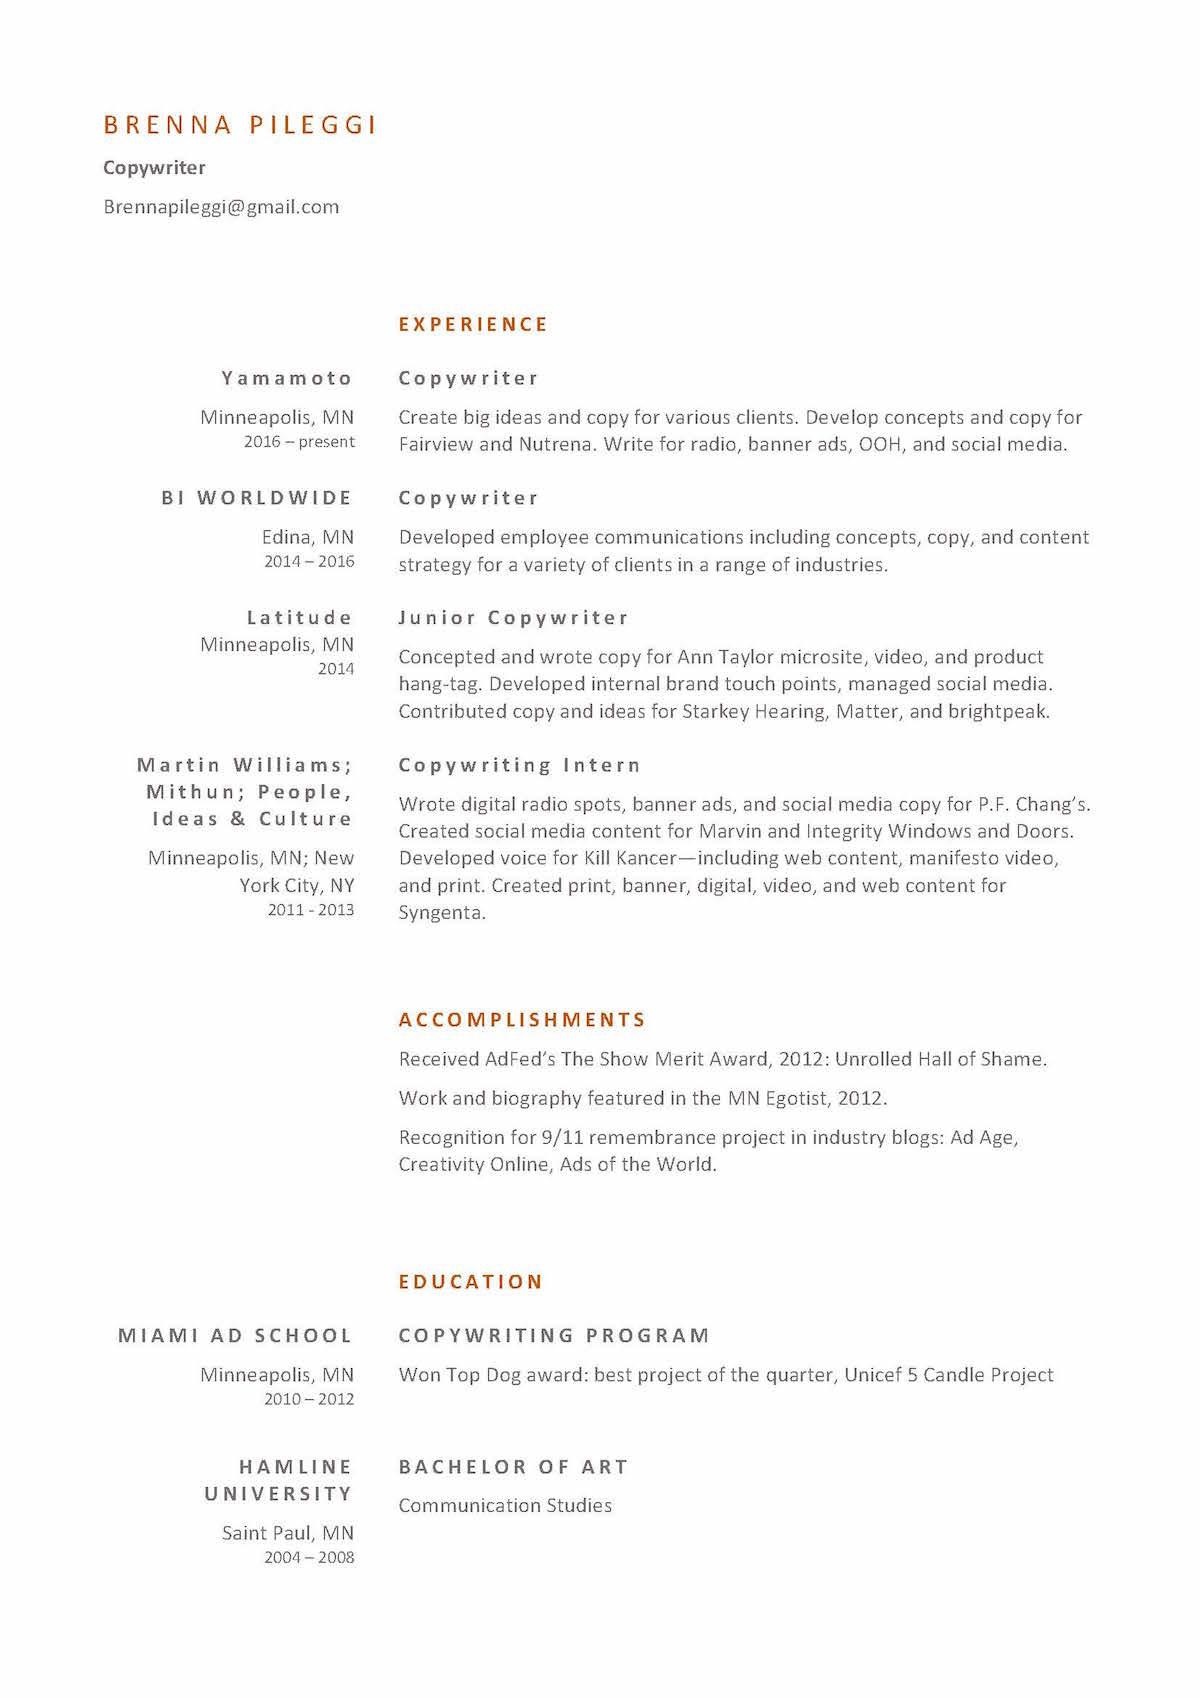 Resume - Copywriter Brenna